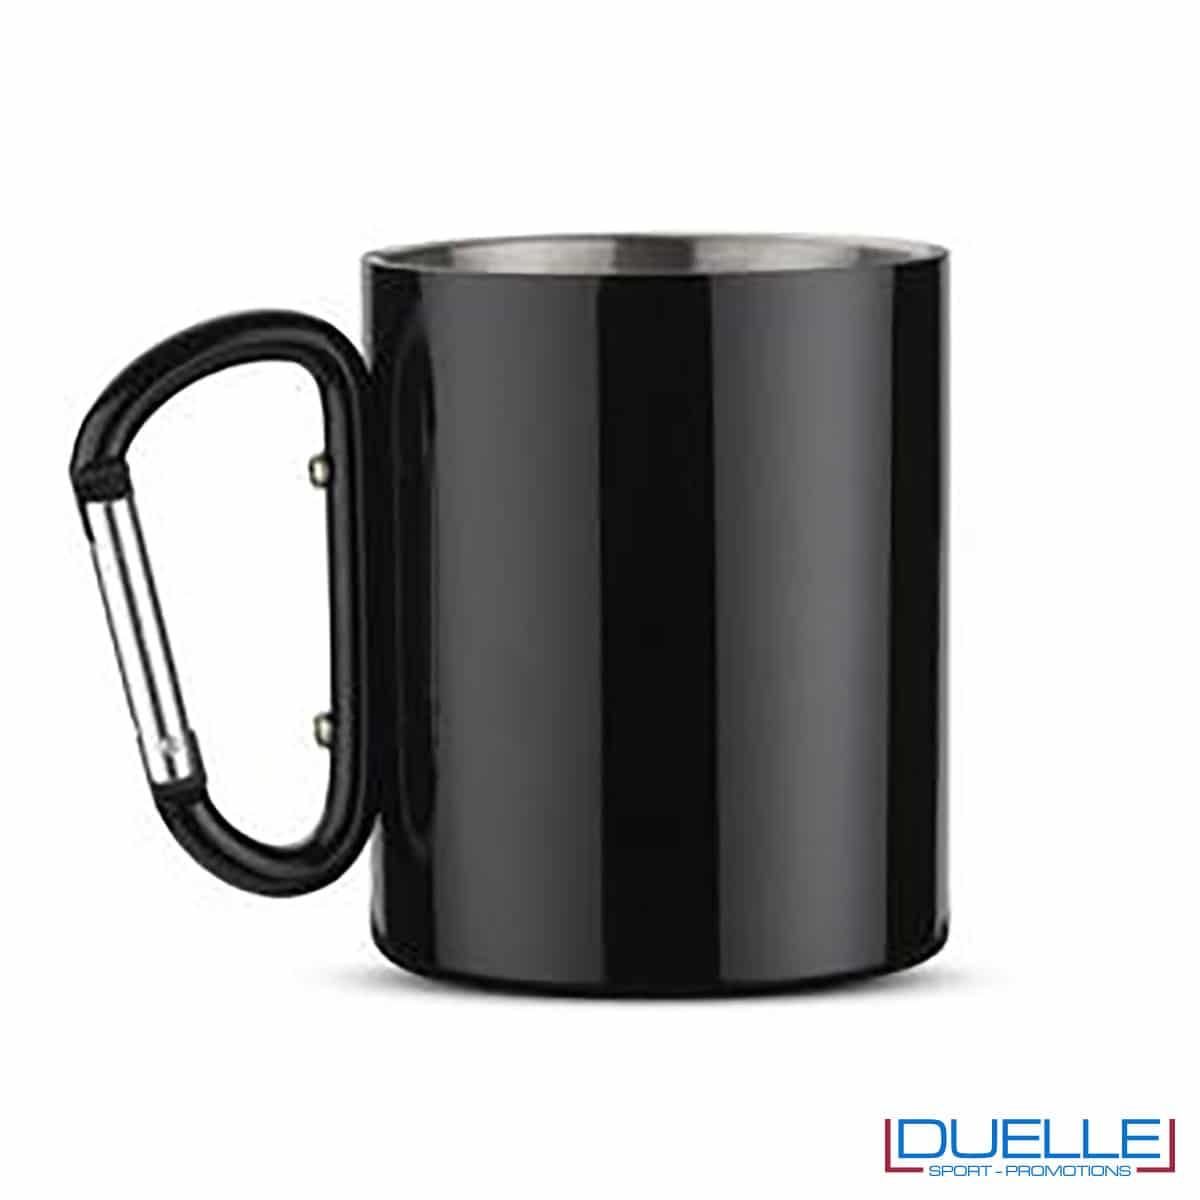 tazza con moschettone nera